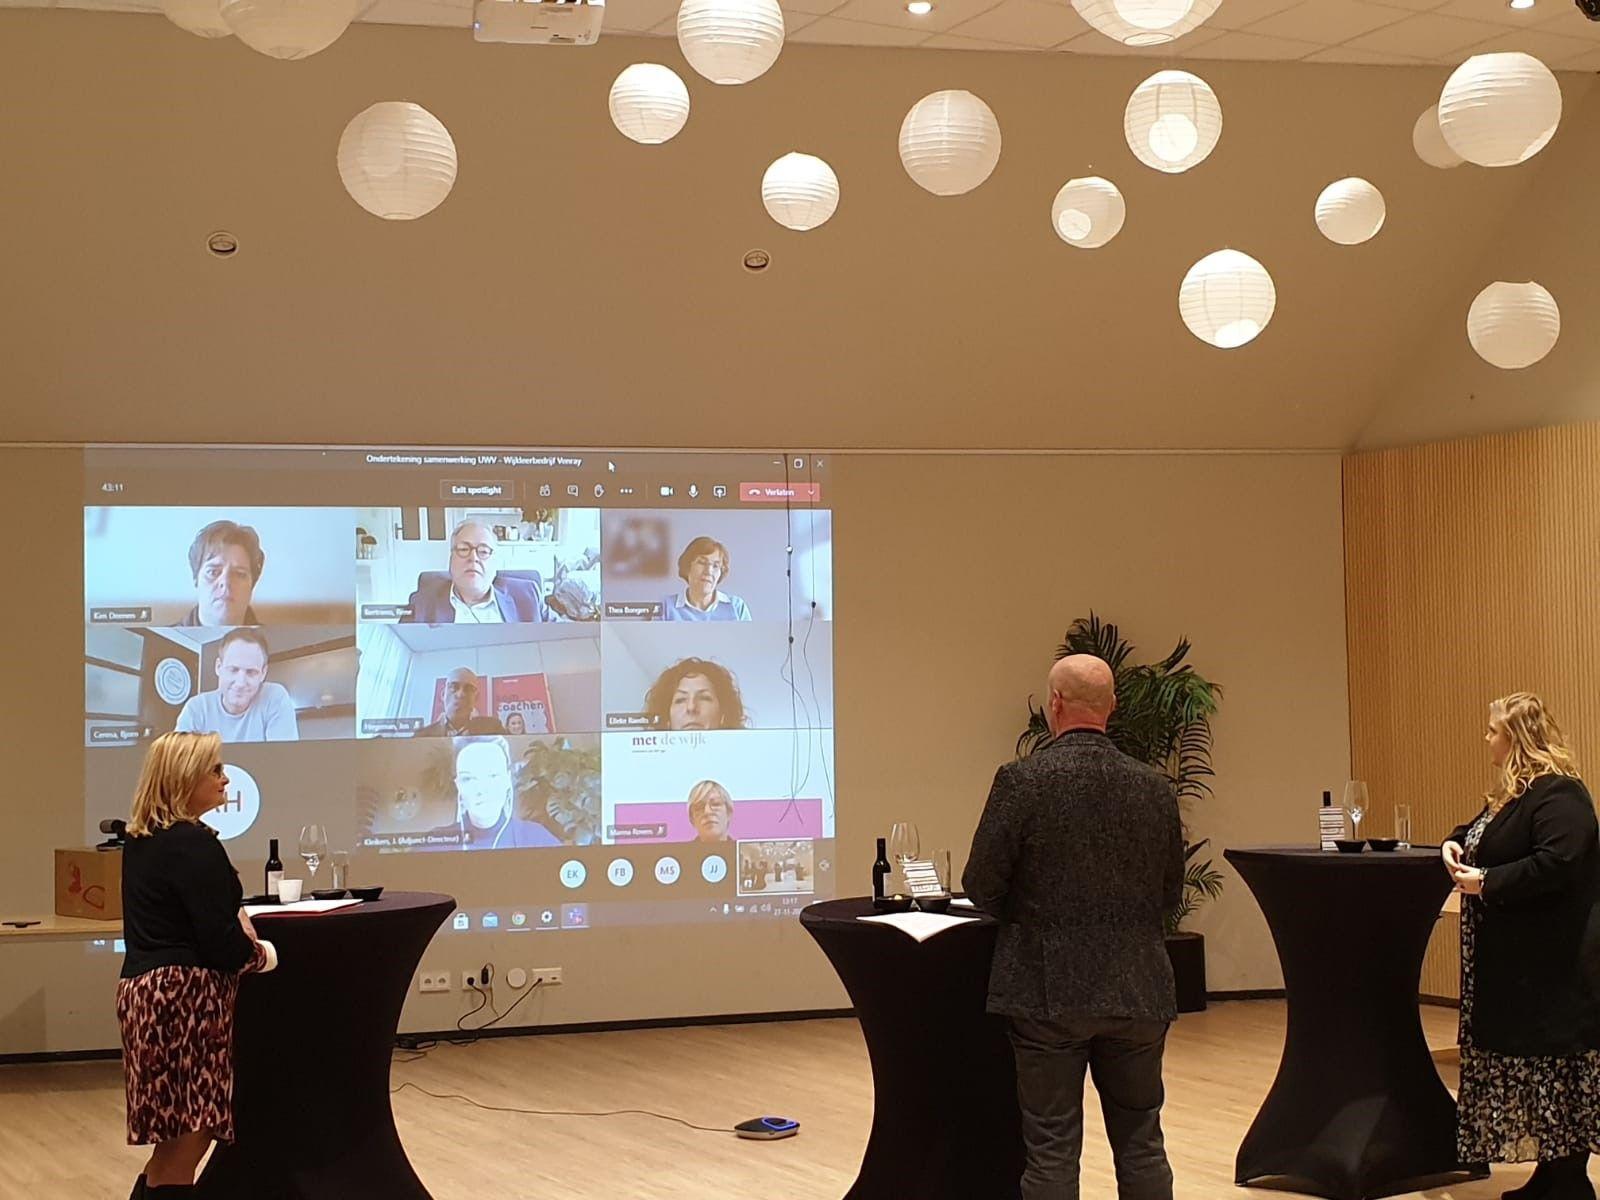 Tijdens een digitale bijeenkomst wordt het ondertekenen van het samenwerkingsconvenant gevierd